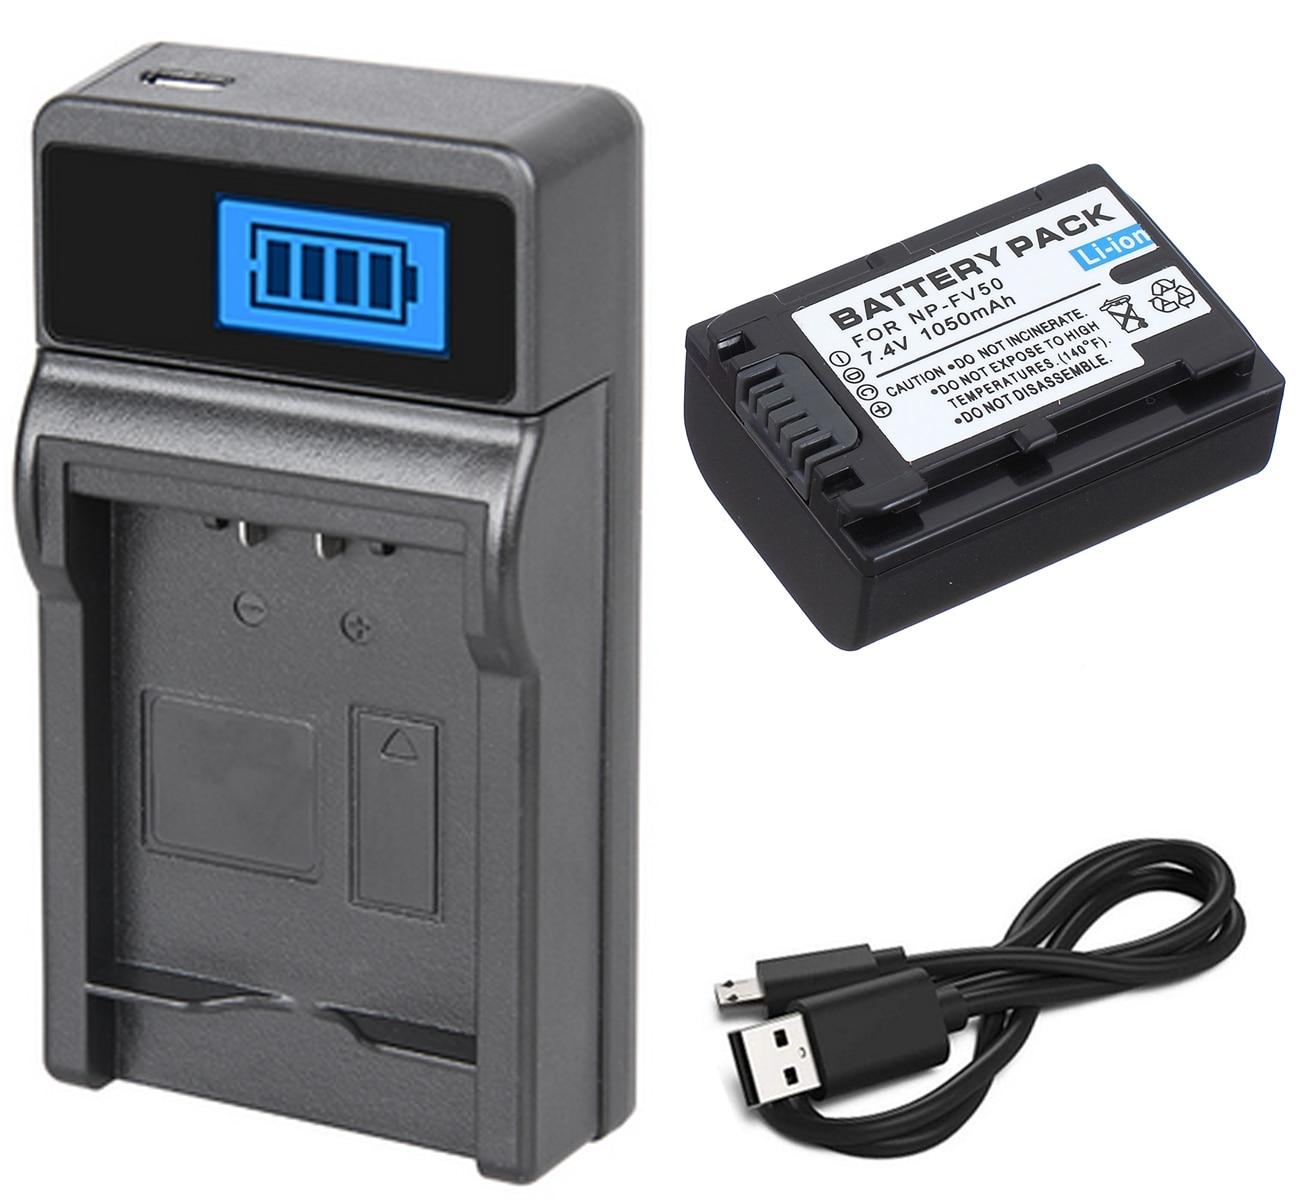 Batería + cargador para Sony HDR-CX510E, HDR-CX530E, HDR-CX550VE, HDR-CX560VE, HDR-CX570E, HDR-CX580VE, CX590VE...